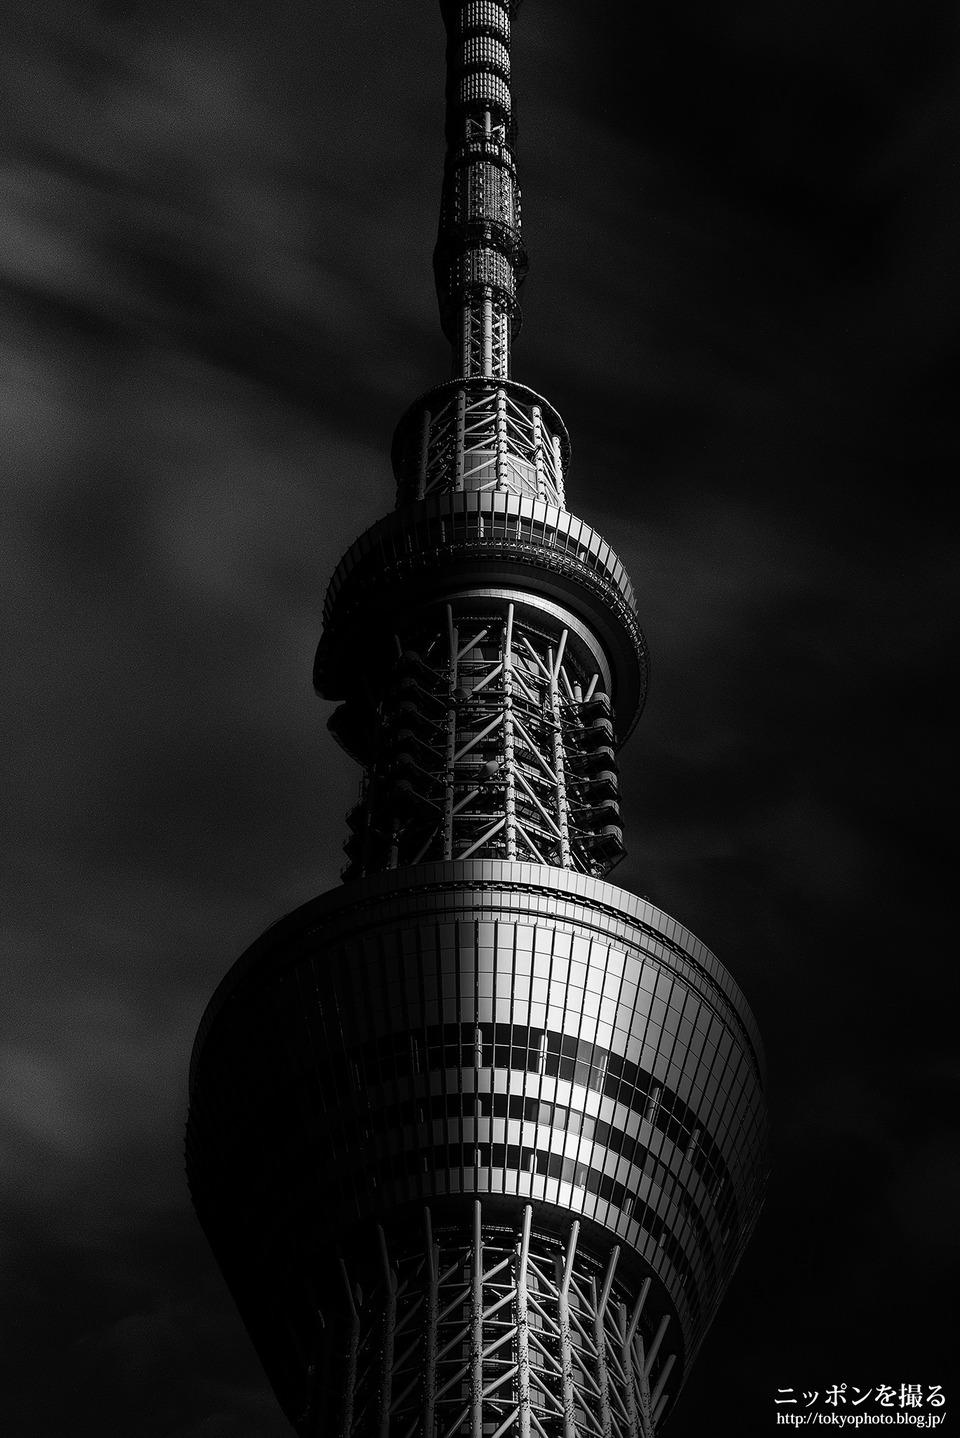 BW01_東京スカイツリー_20150328-3276